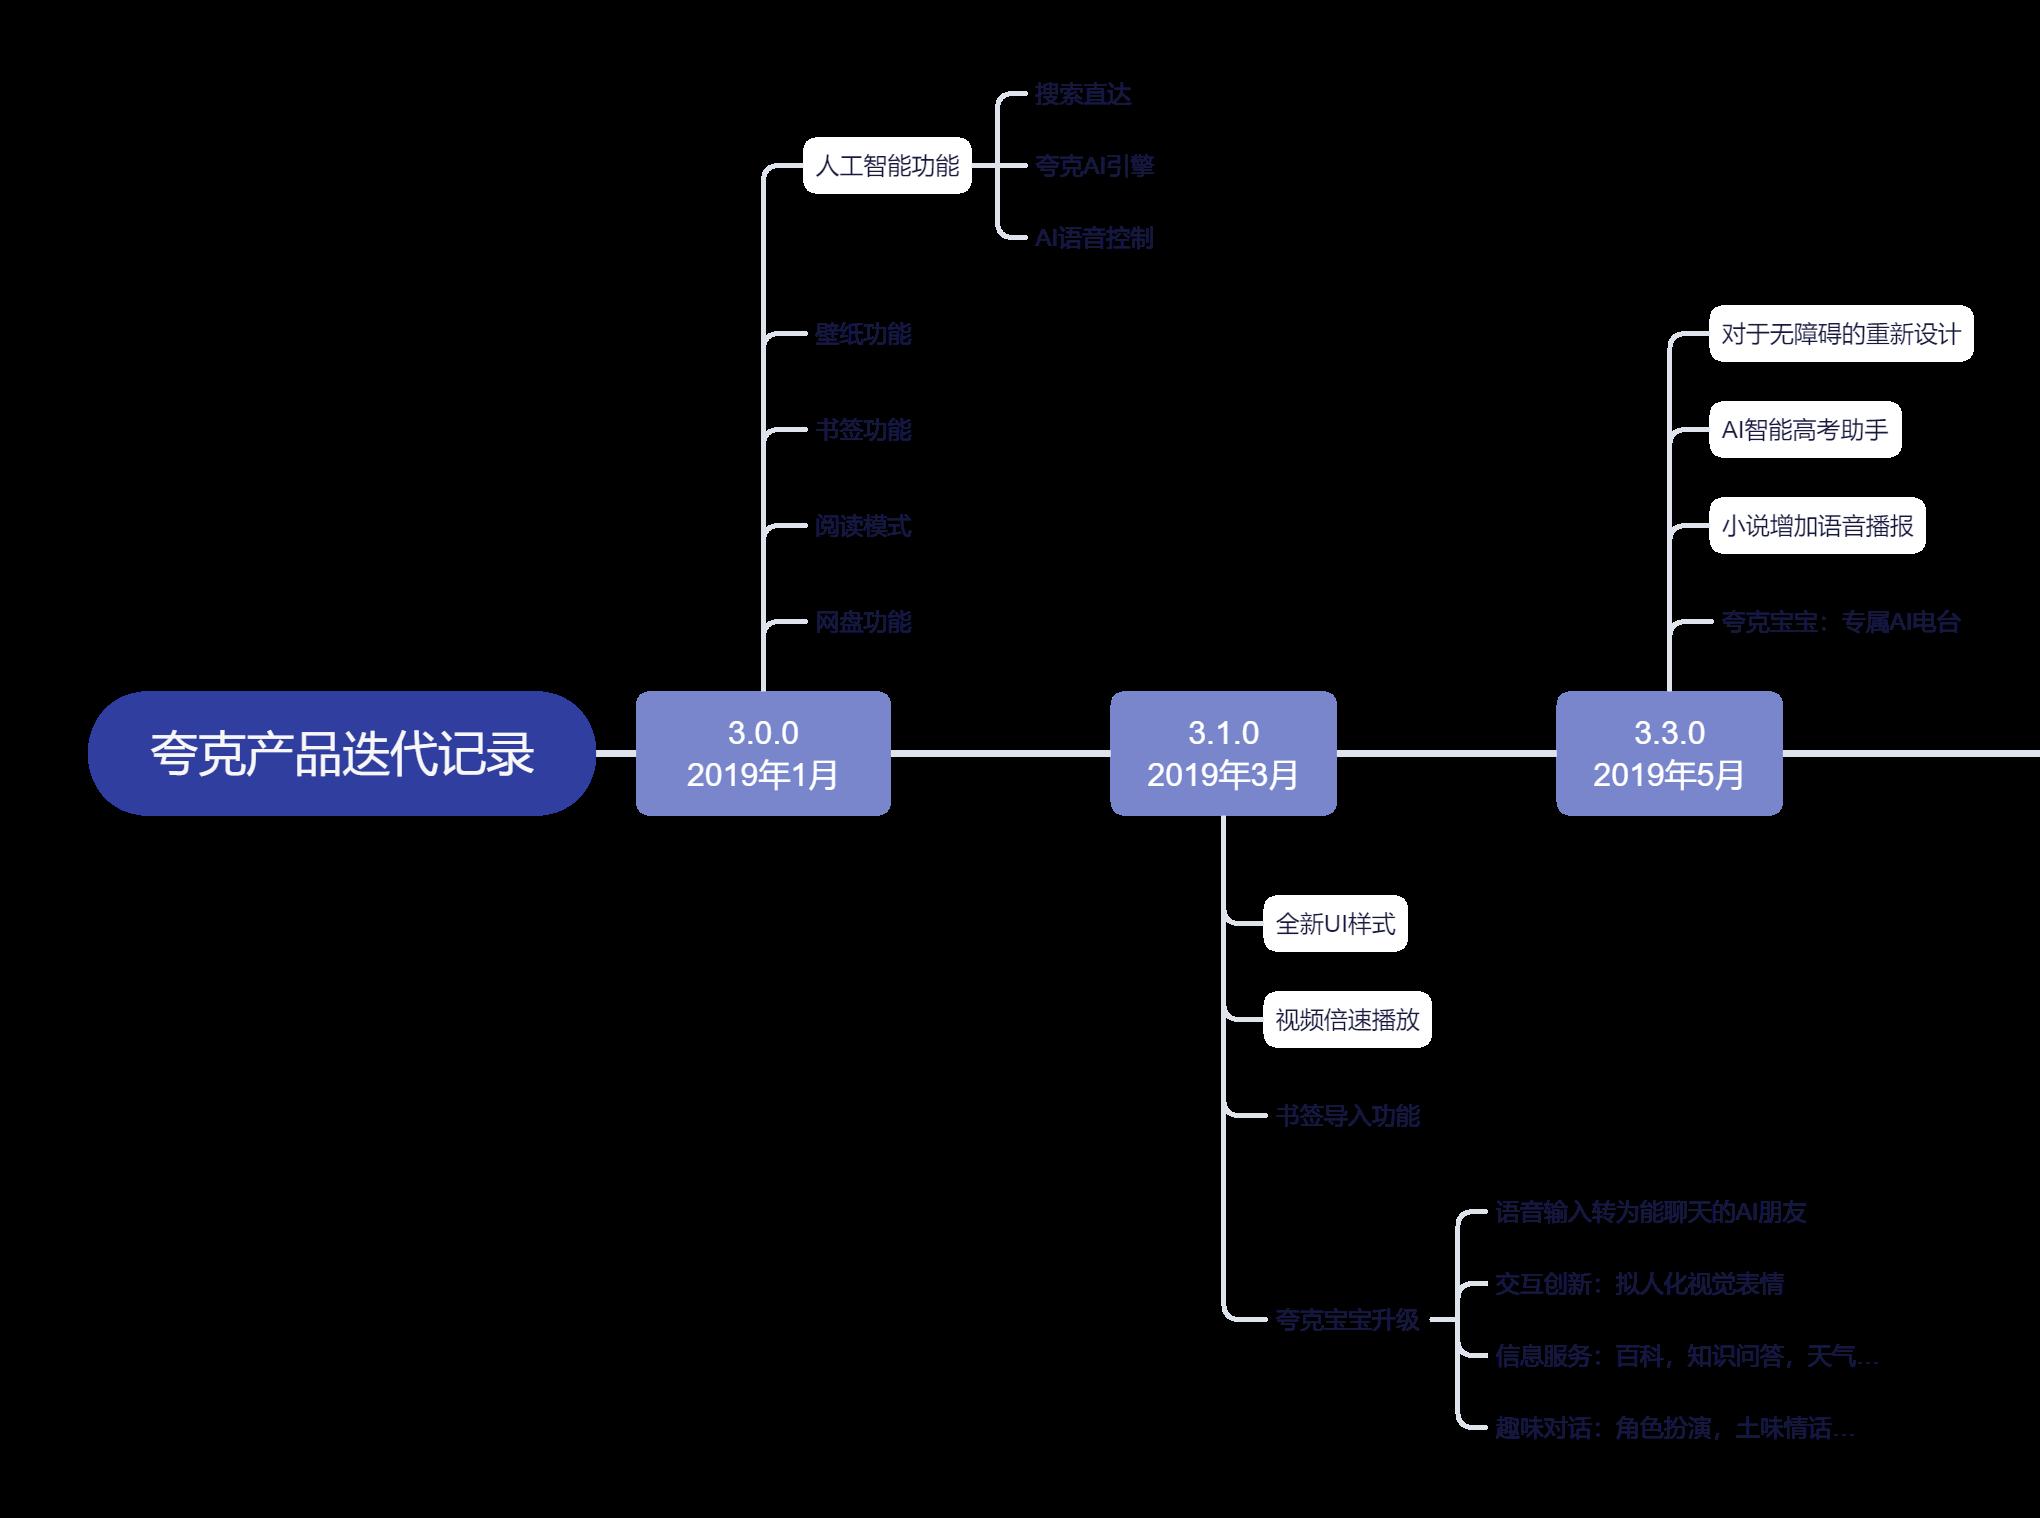 夸克产品分析报告:如何以用户为核心打造内容聚合平台插图